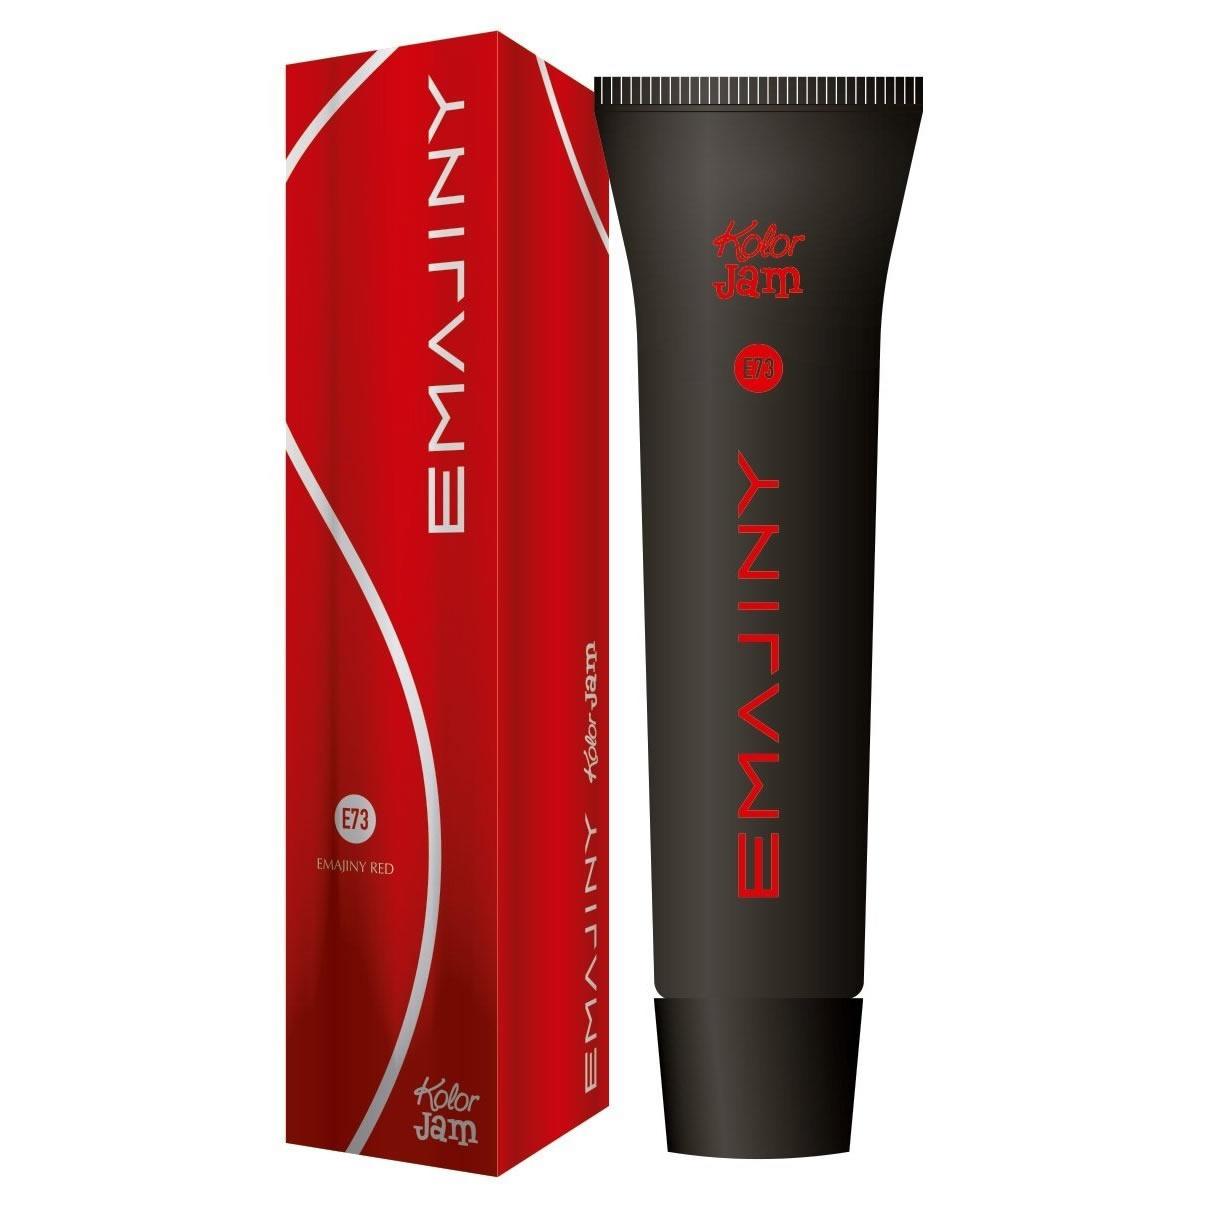 kolor-jam-Emajiny-Red-E73